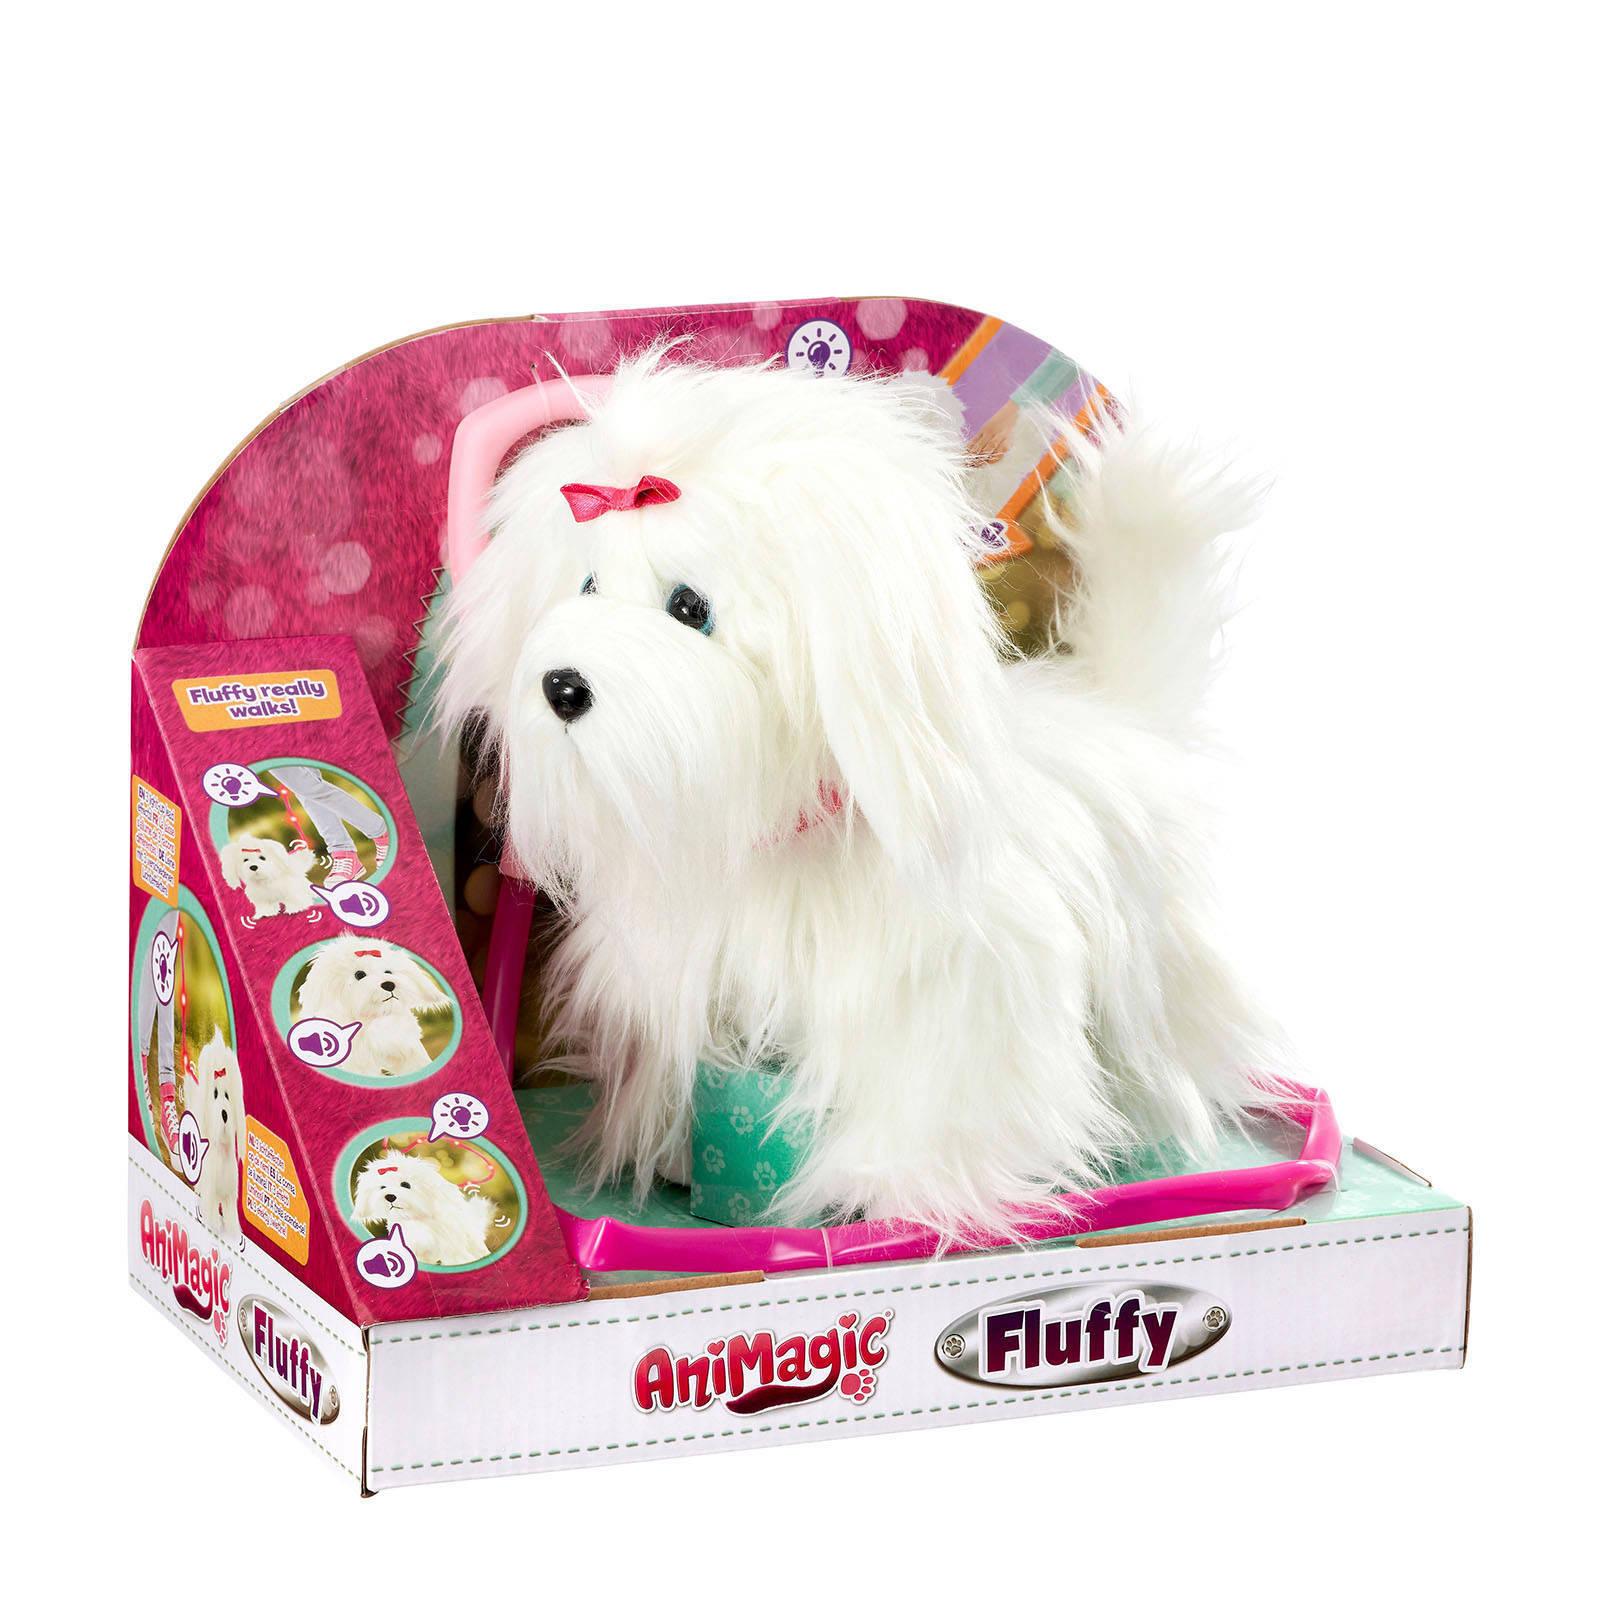 Animagic Fluffy interactieve knuffel